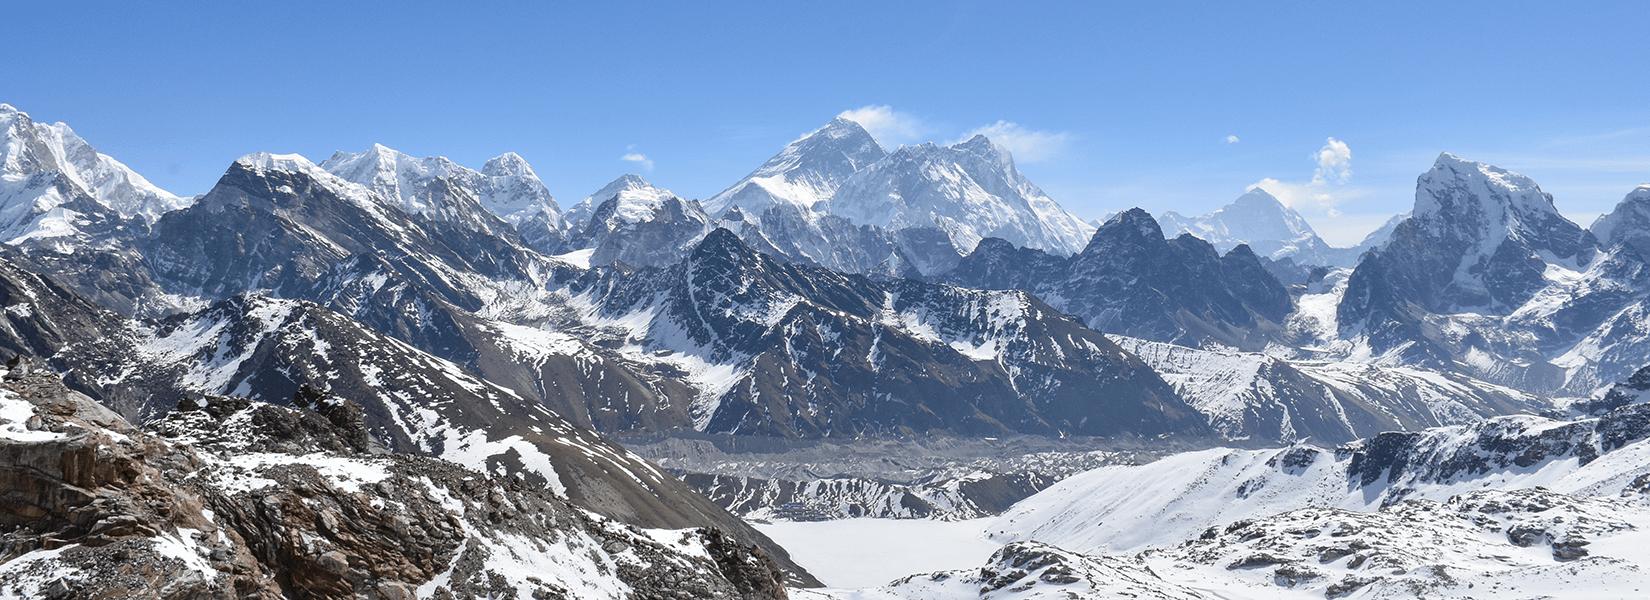 Everest Three Pass, Khongma La, Cho La, and RenjoLa Pass Trekking